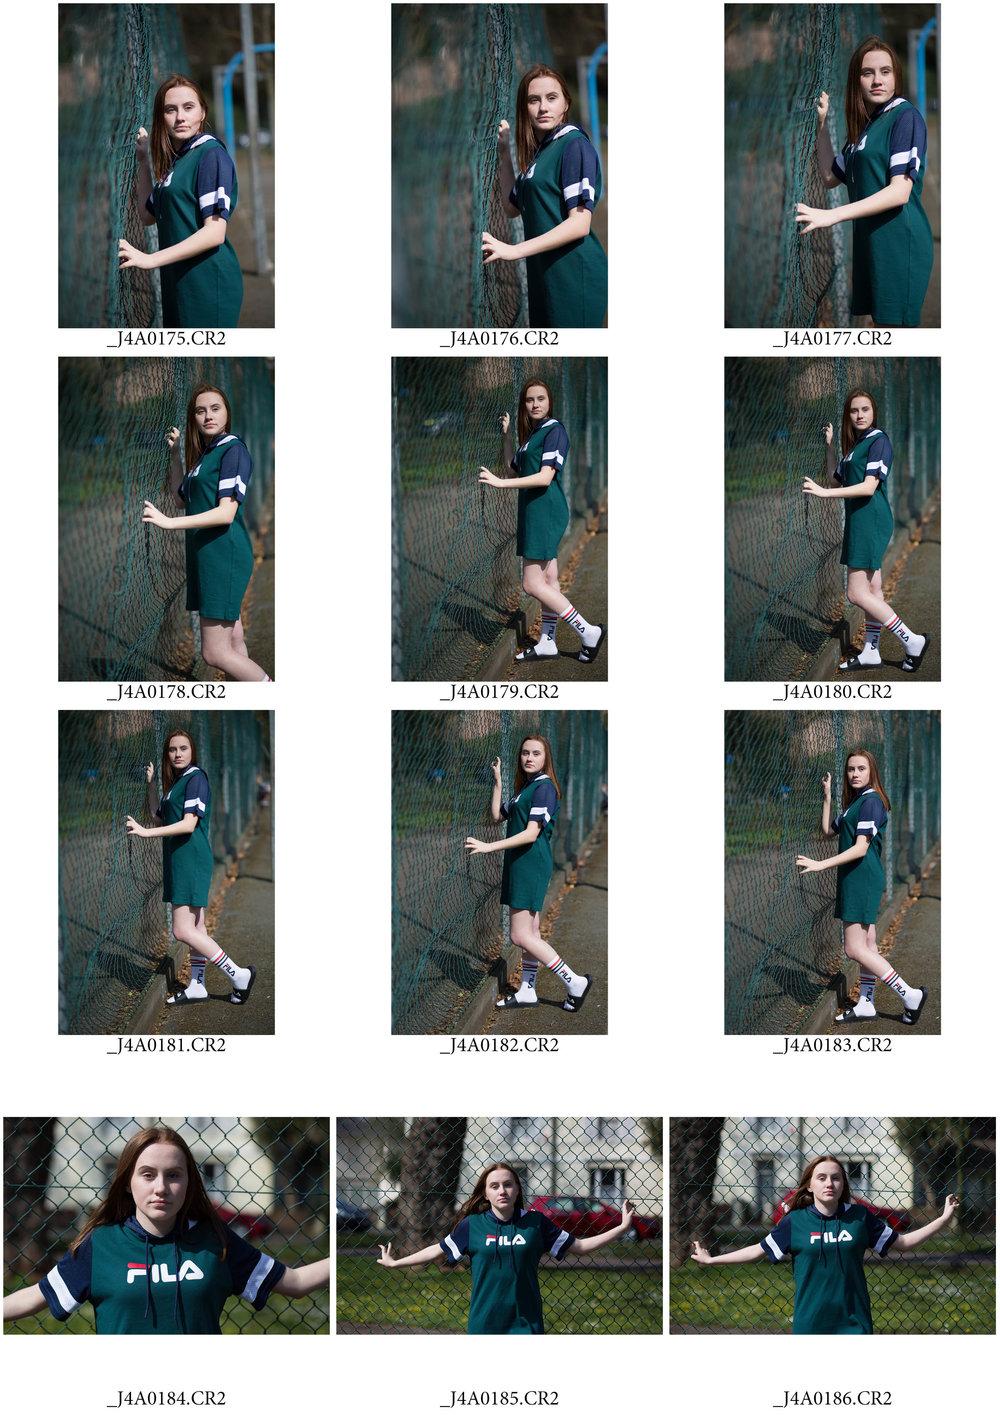 ContactSheet-005 copy.jpg